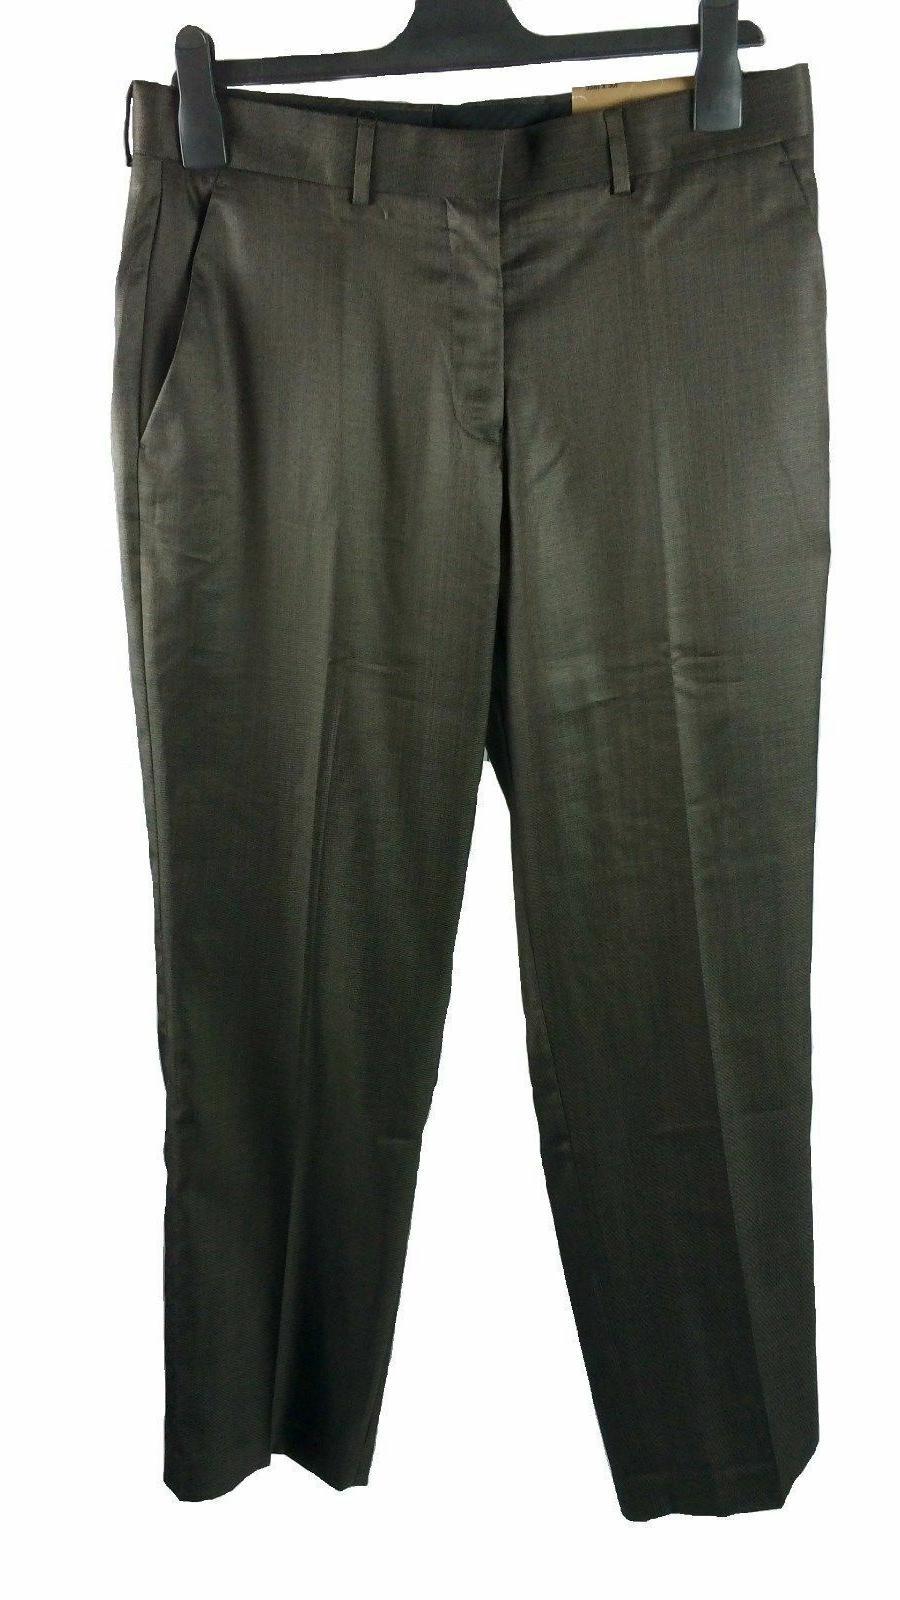 mens suit pants size 44x30 flat front